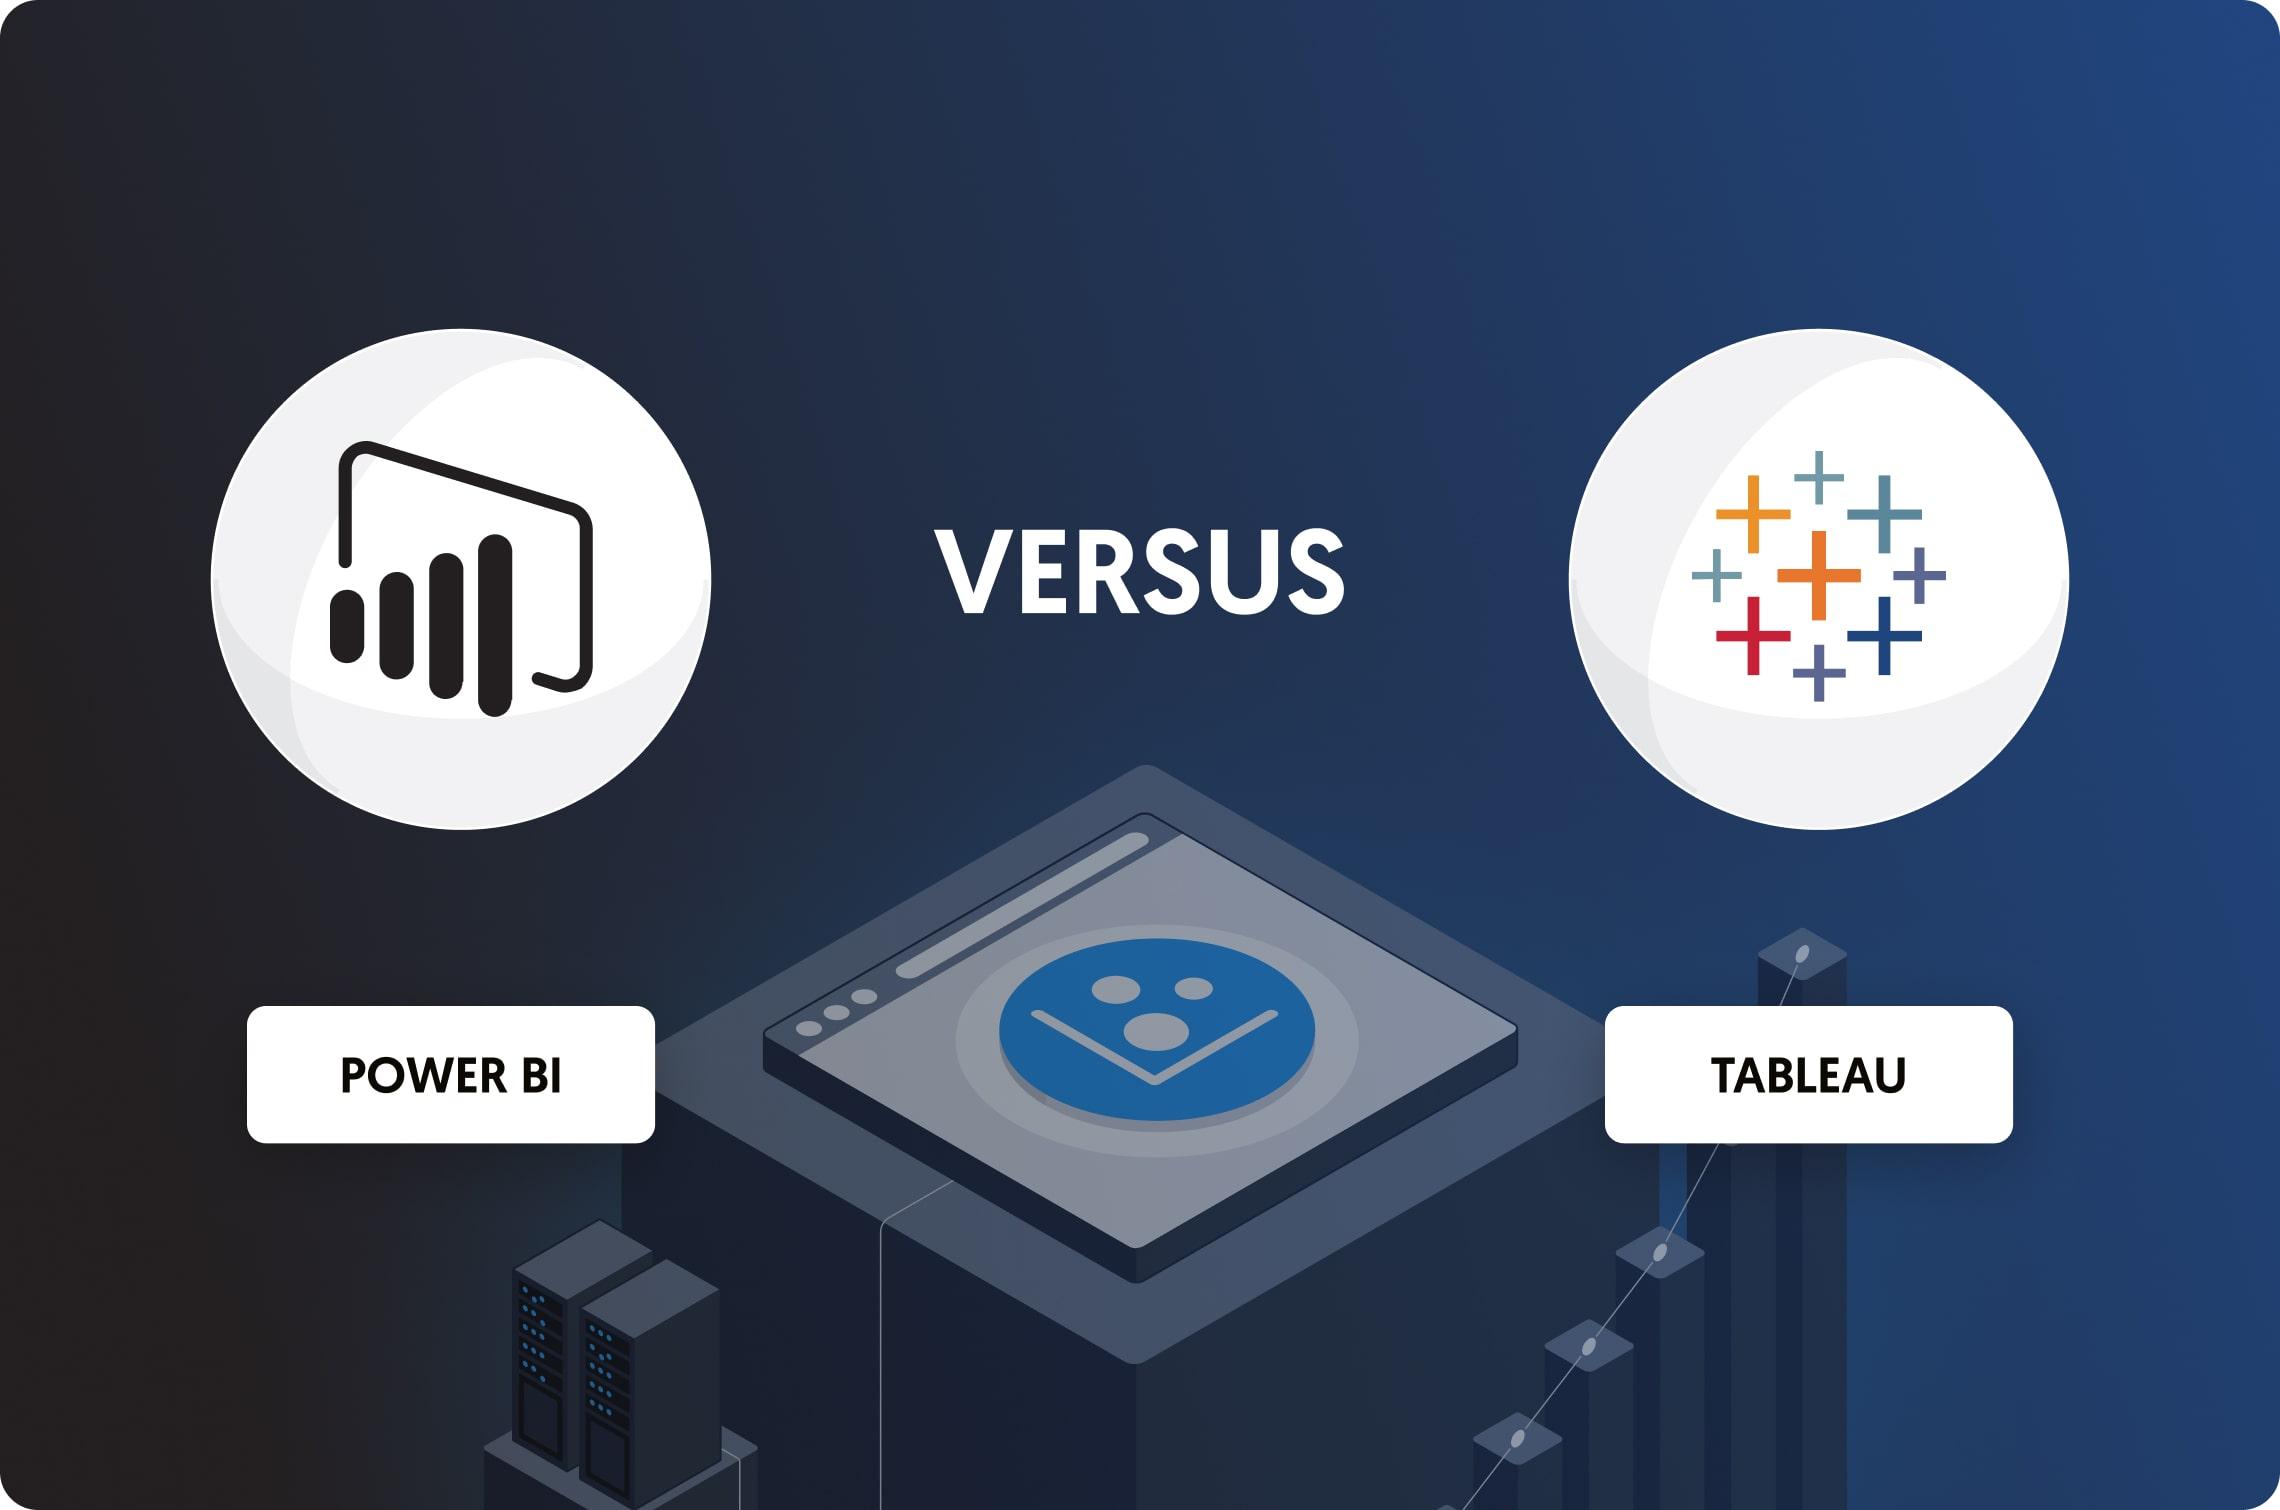 Power BI vs Tableau: The Breakdown